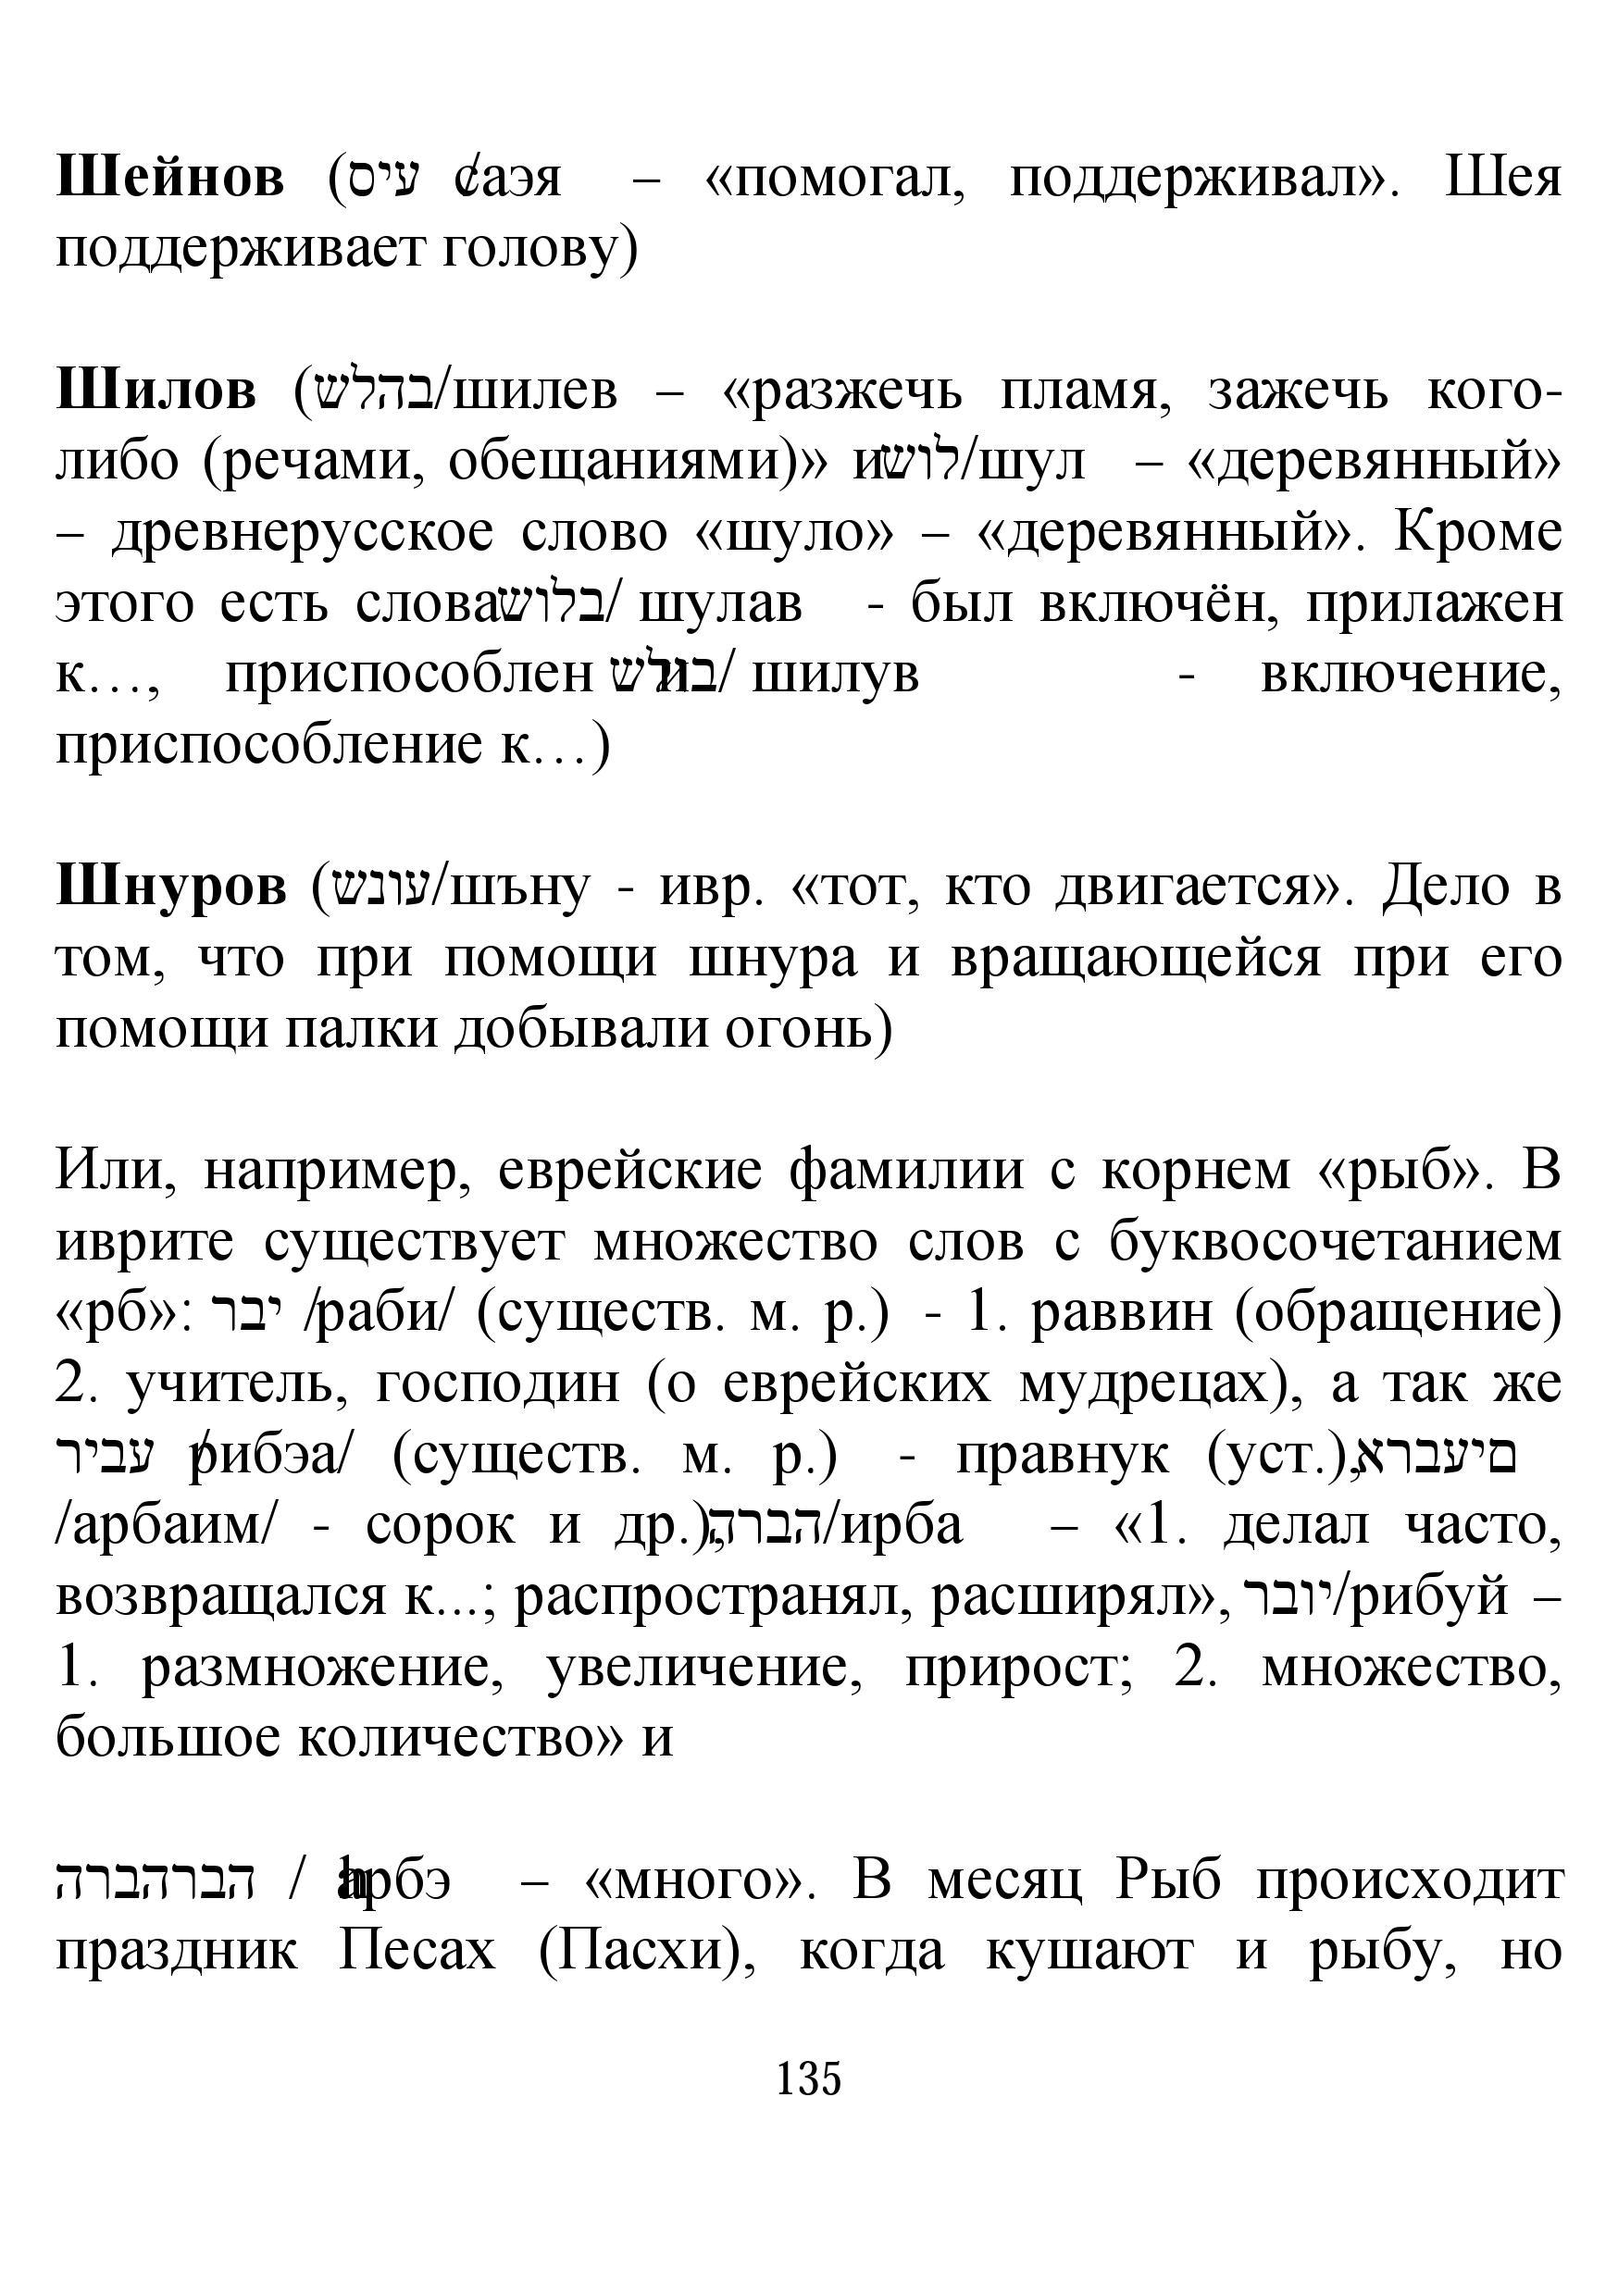 http://s4.uploads.ru/V3S0m.jpg